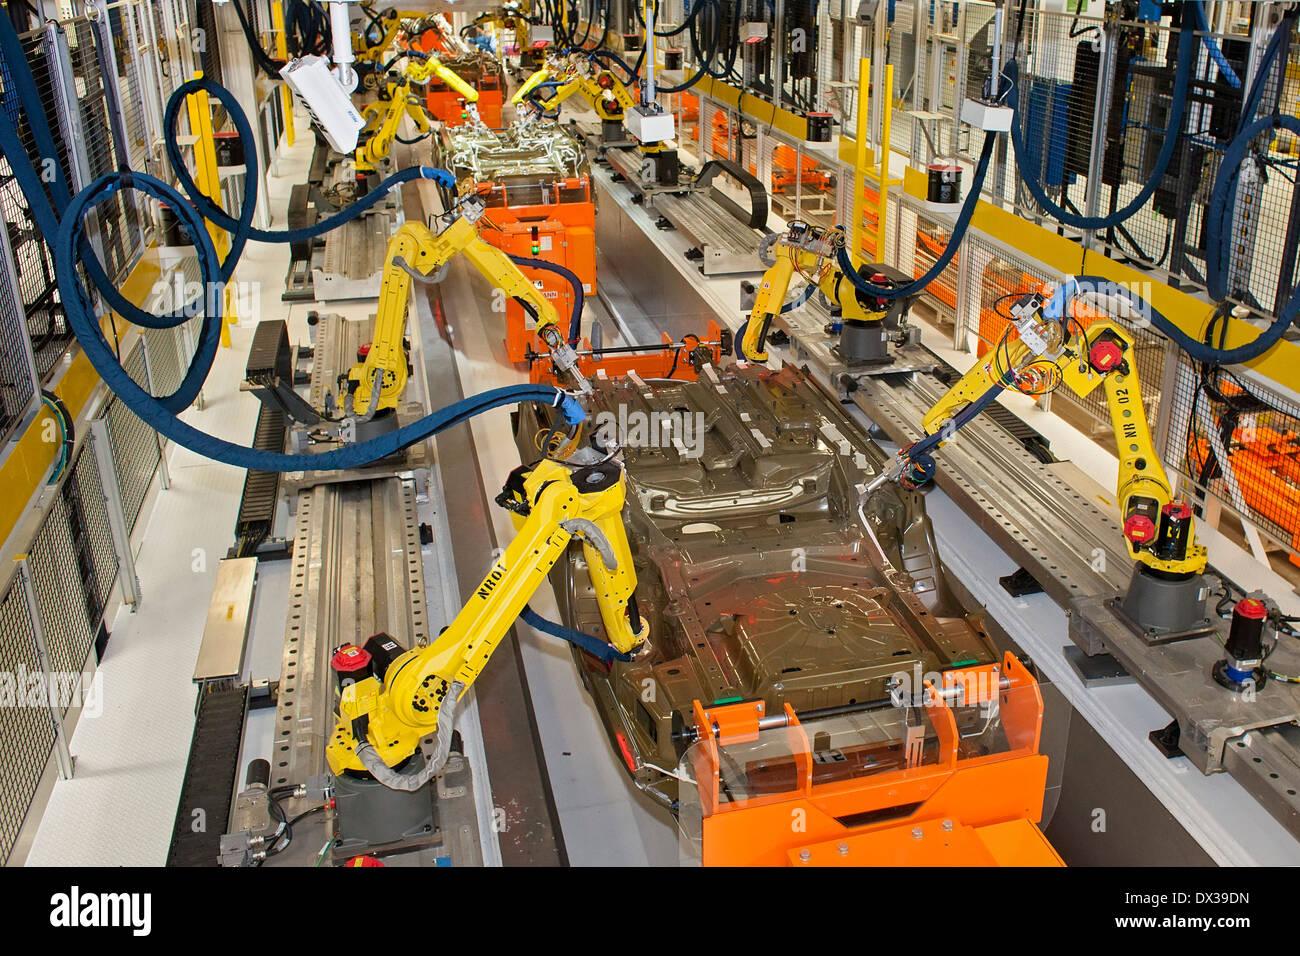 Robots dans le soubassement de l'étanchéité et revêtement de pont à gare de l'atelier de peinture de Chrysler's Sterling Heights Usine de montage. Photo Stock